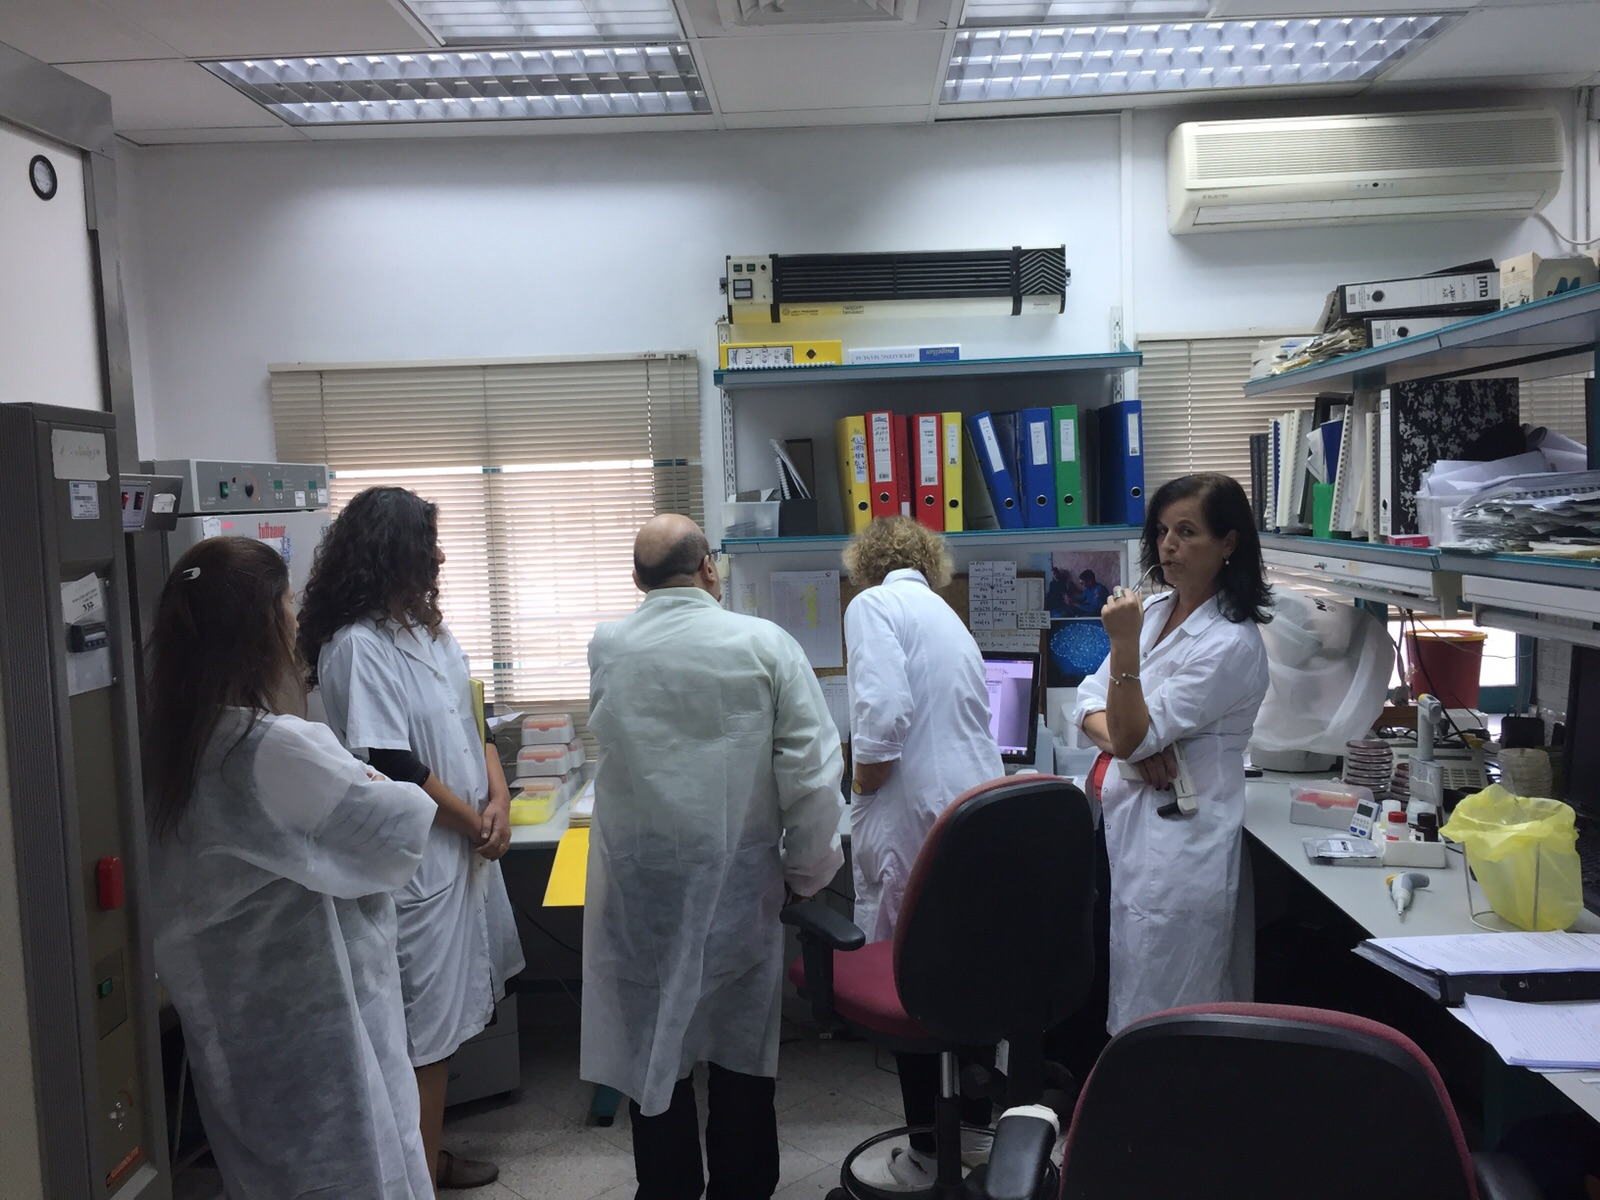 תזכורת למגדלים – ביצוע בדיקות חלב במעבדה לבריאות העטין